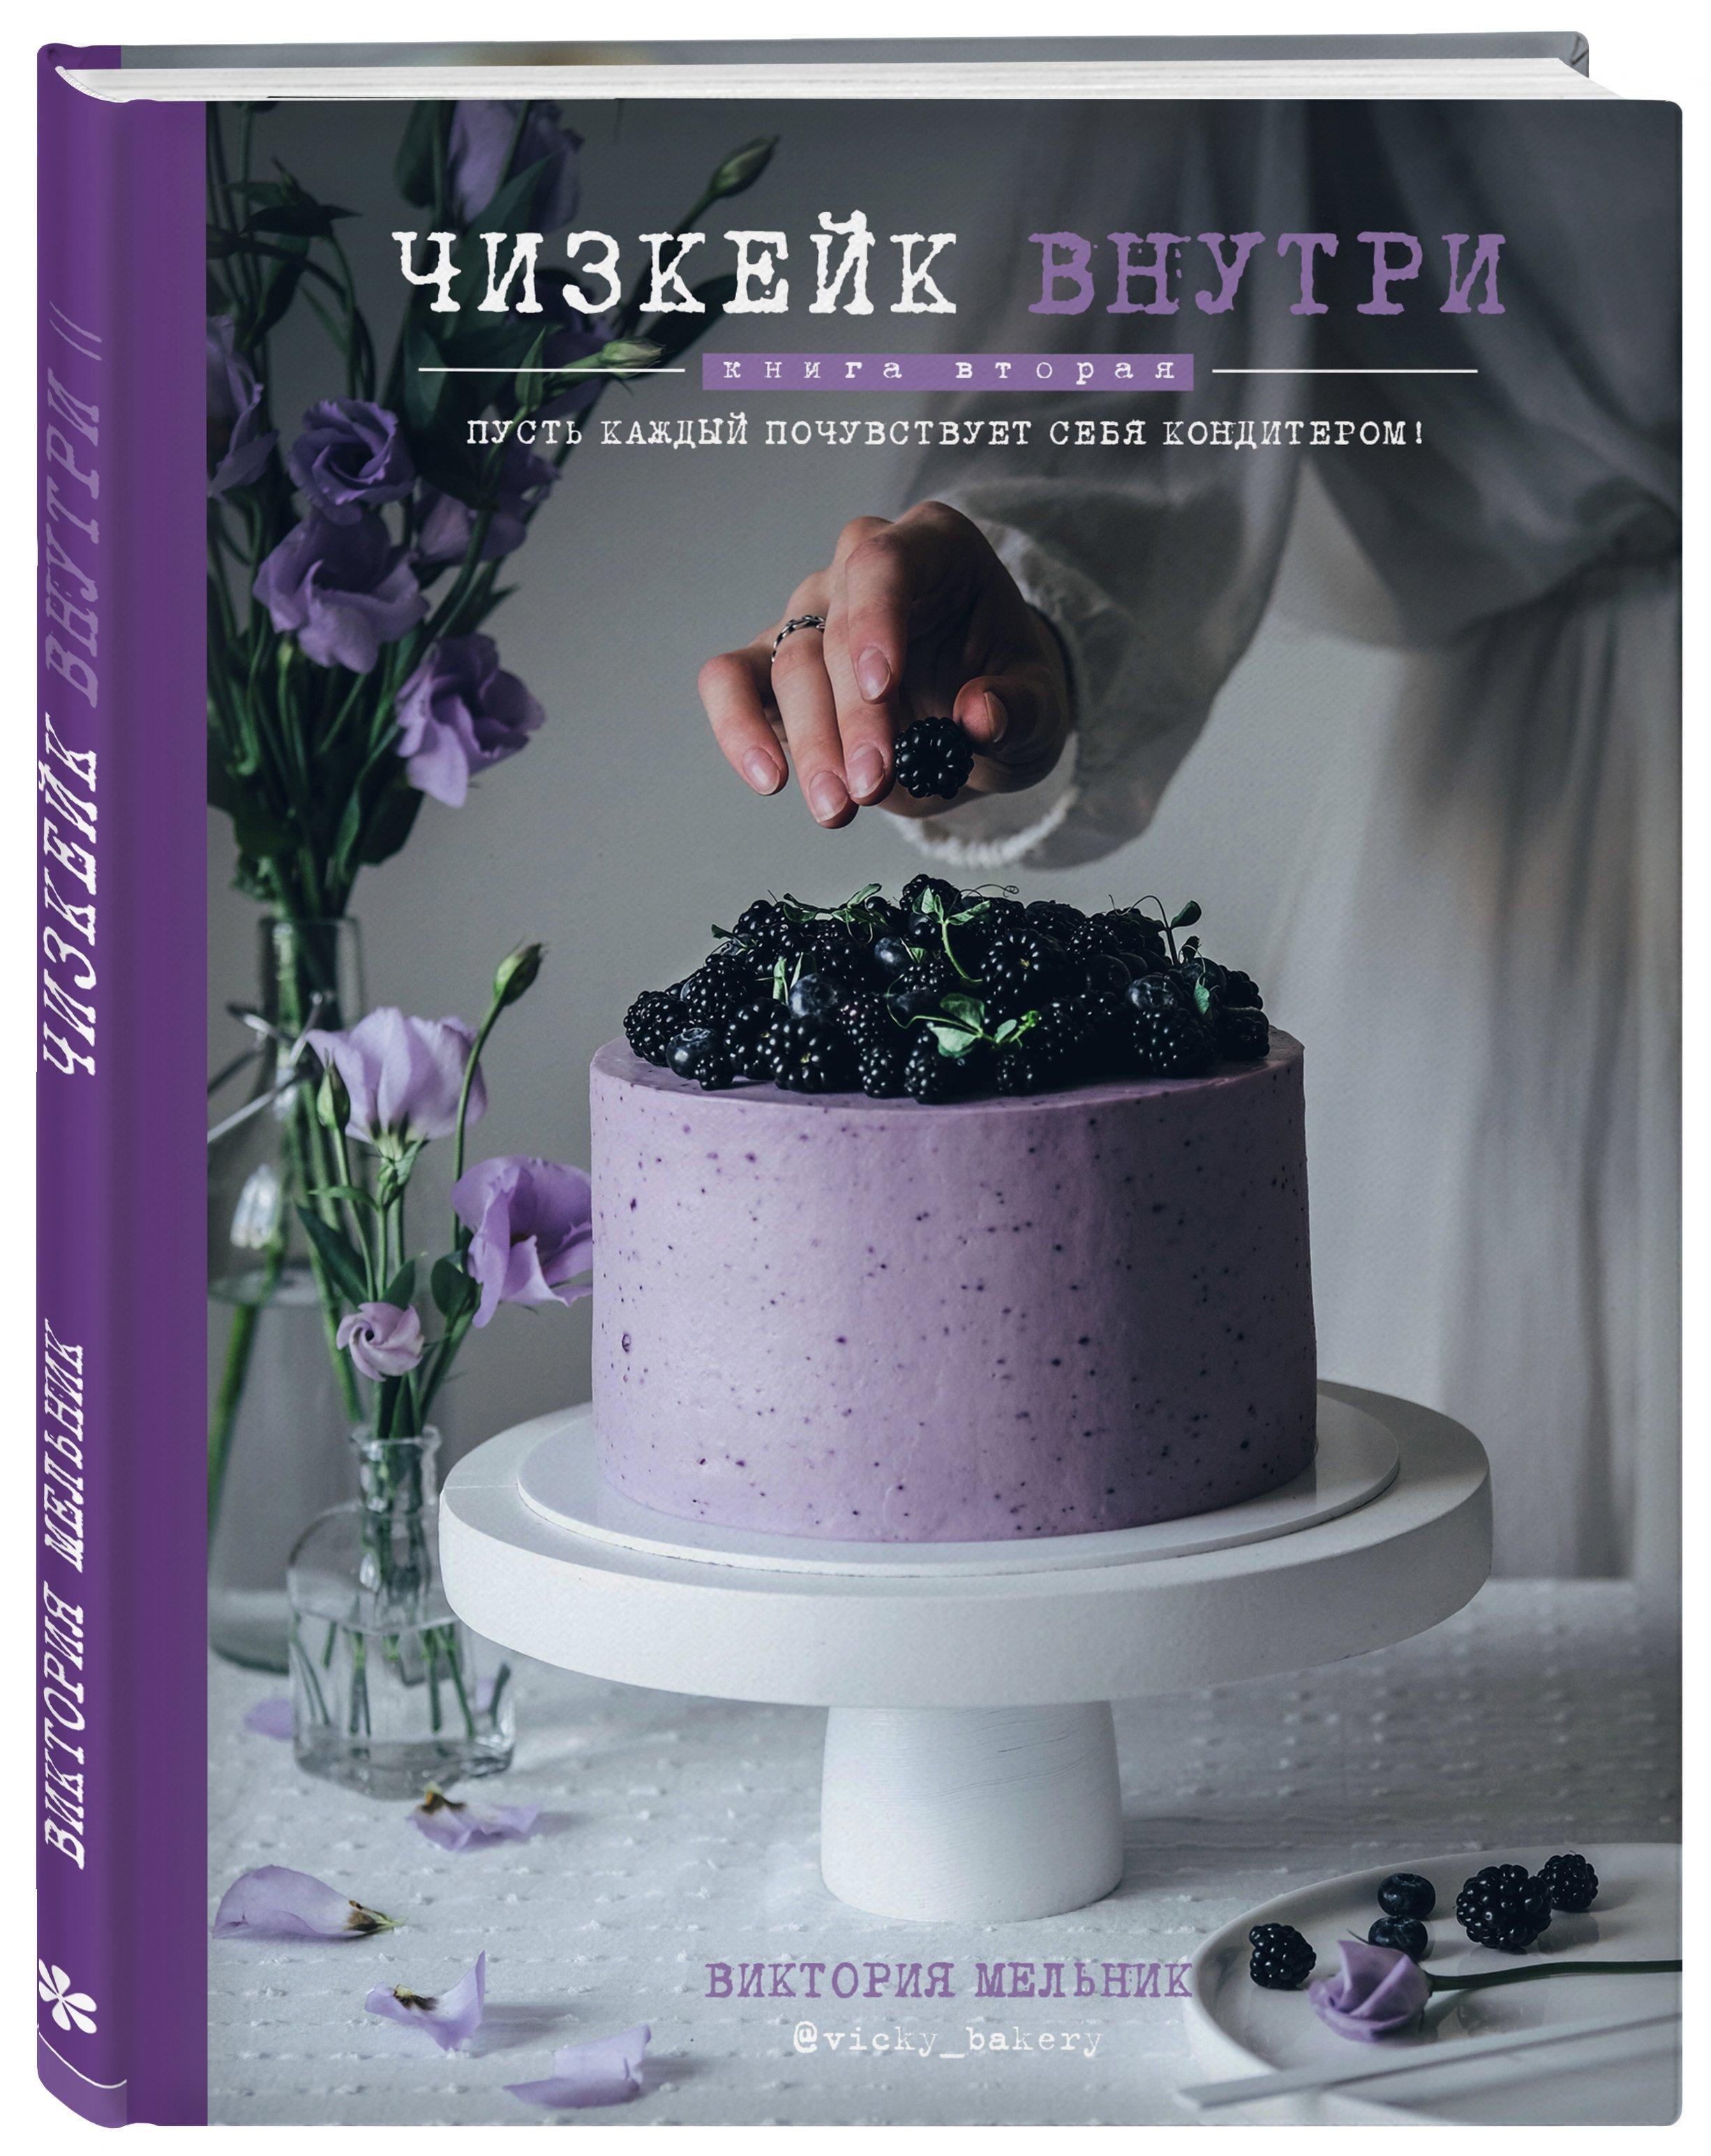 Виктория Мельник Чизкейк внутри. Книга вторая мельник в чизкейк внутри сложные и необычные торты легко